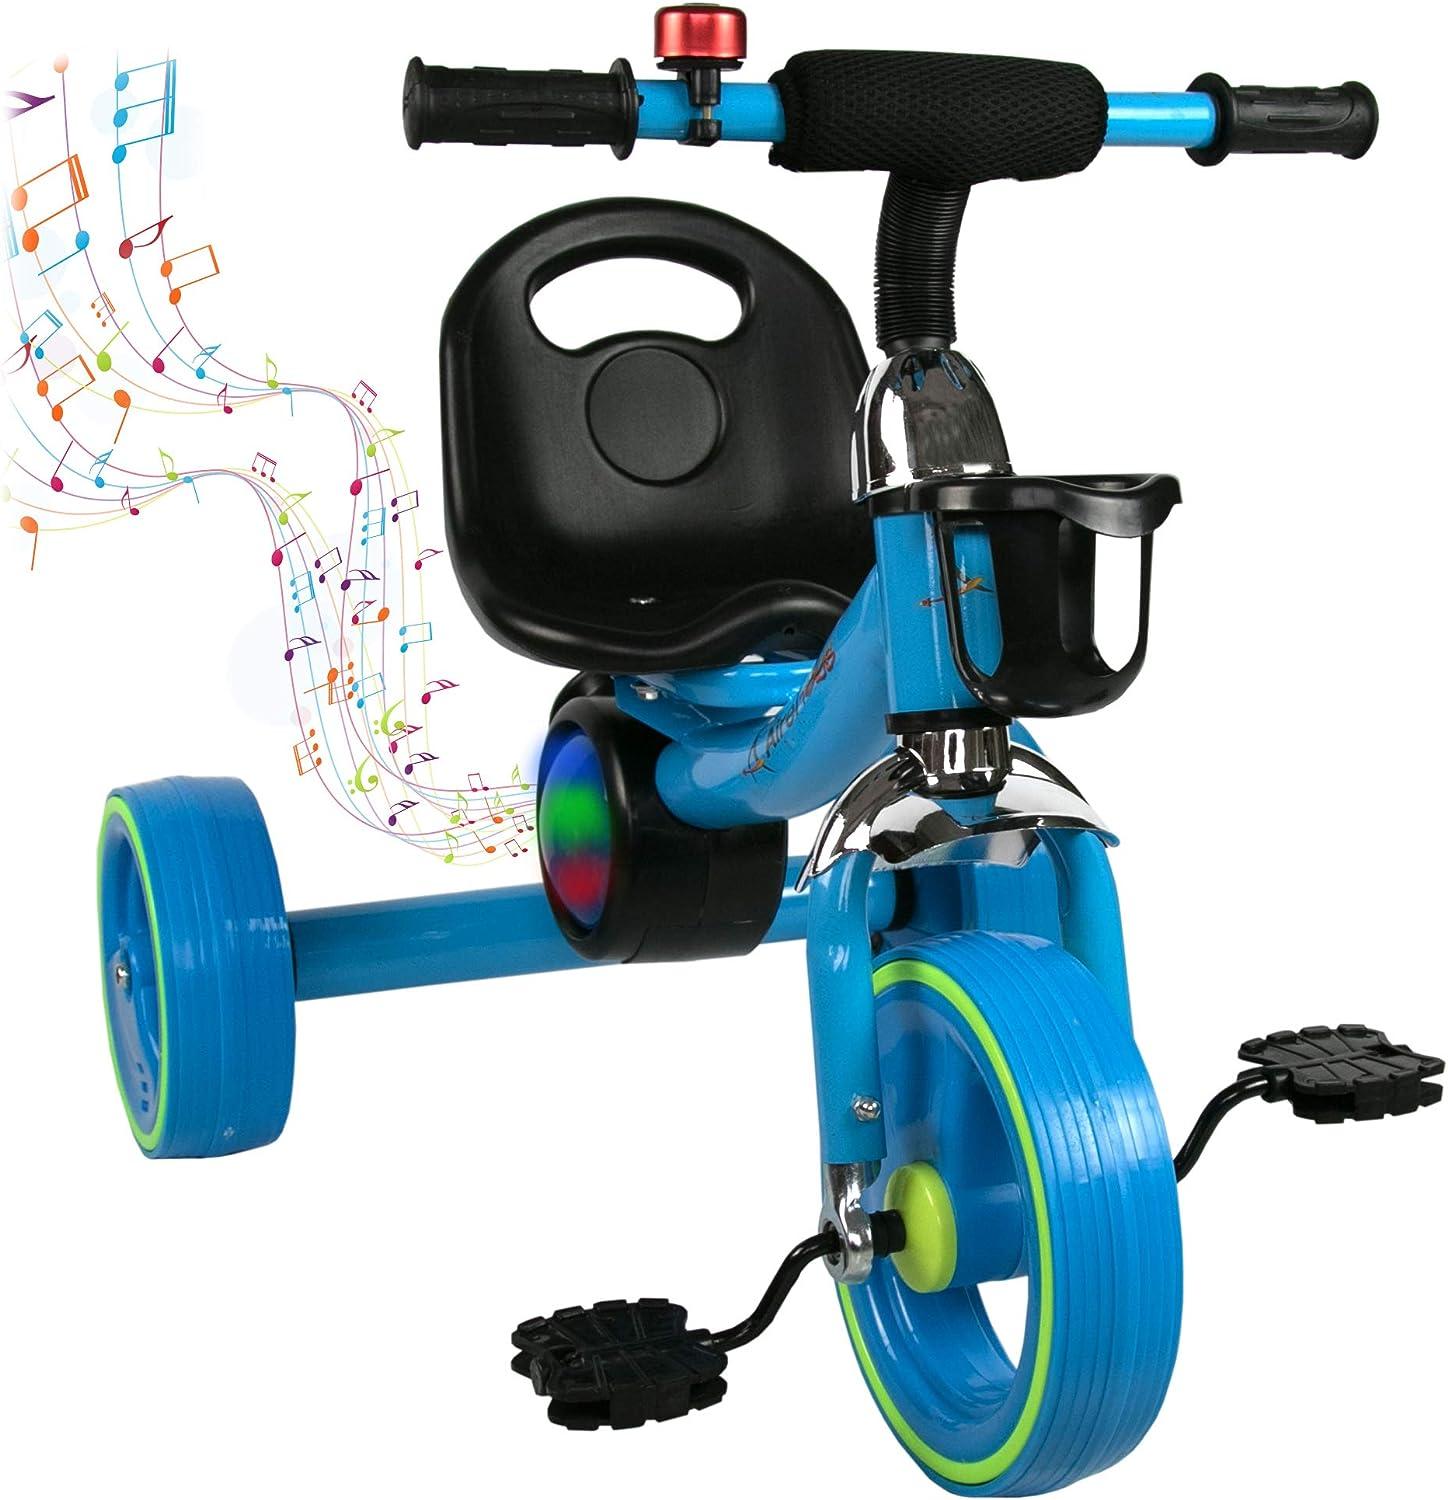 Airel Bici Correpasillos   Triciclos para Niños   Triciclo con Asiento   Bicicleta de Equilibrio con Pedales   Triciclo Bici con Sonido